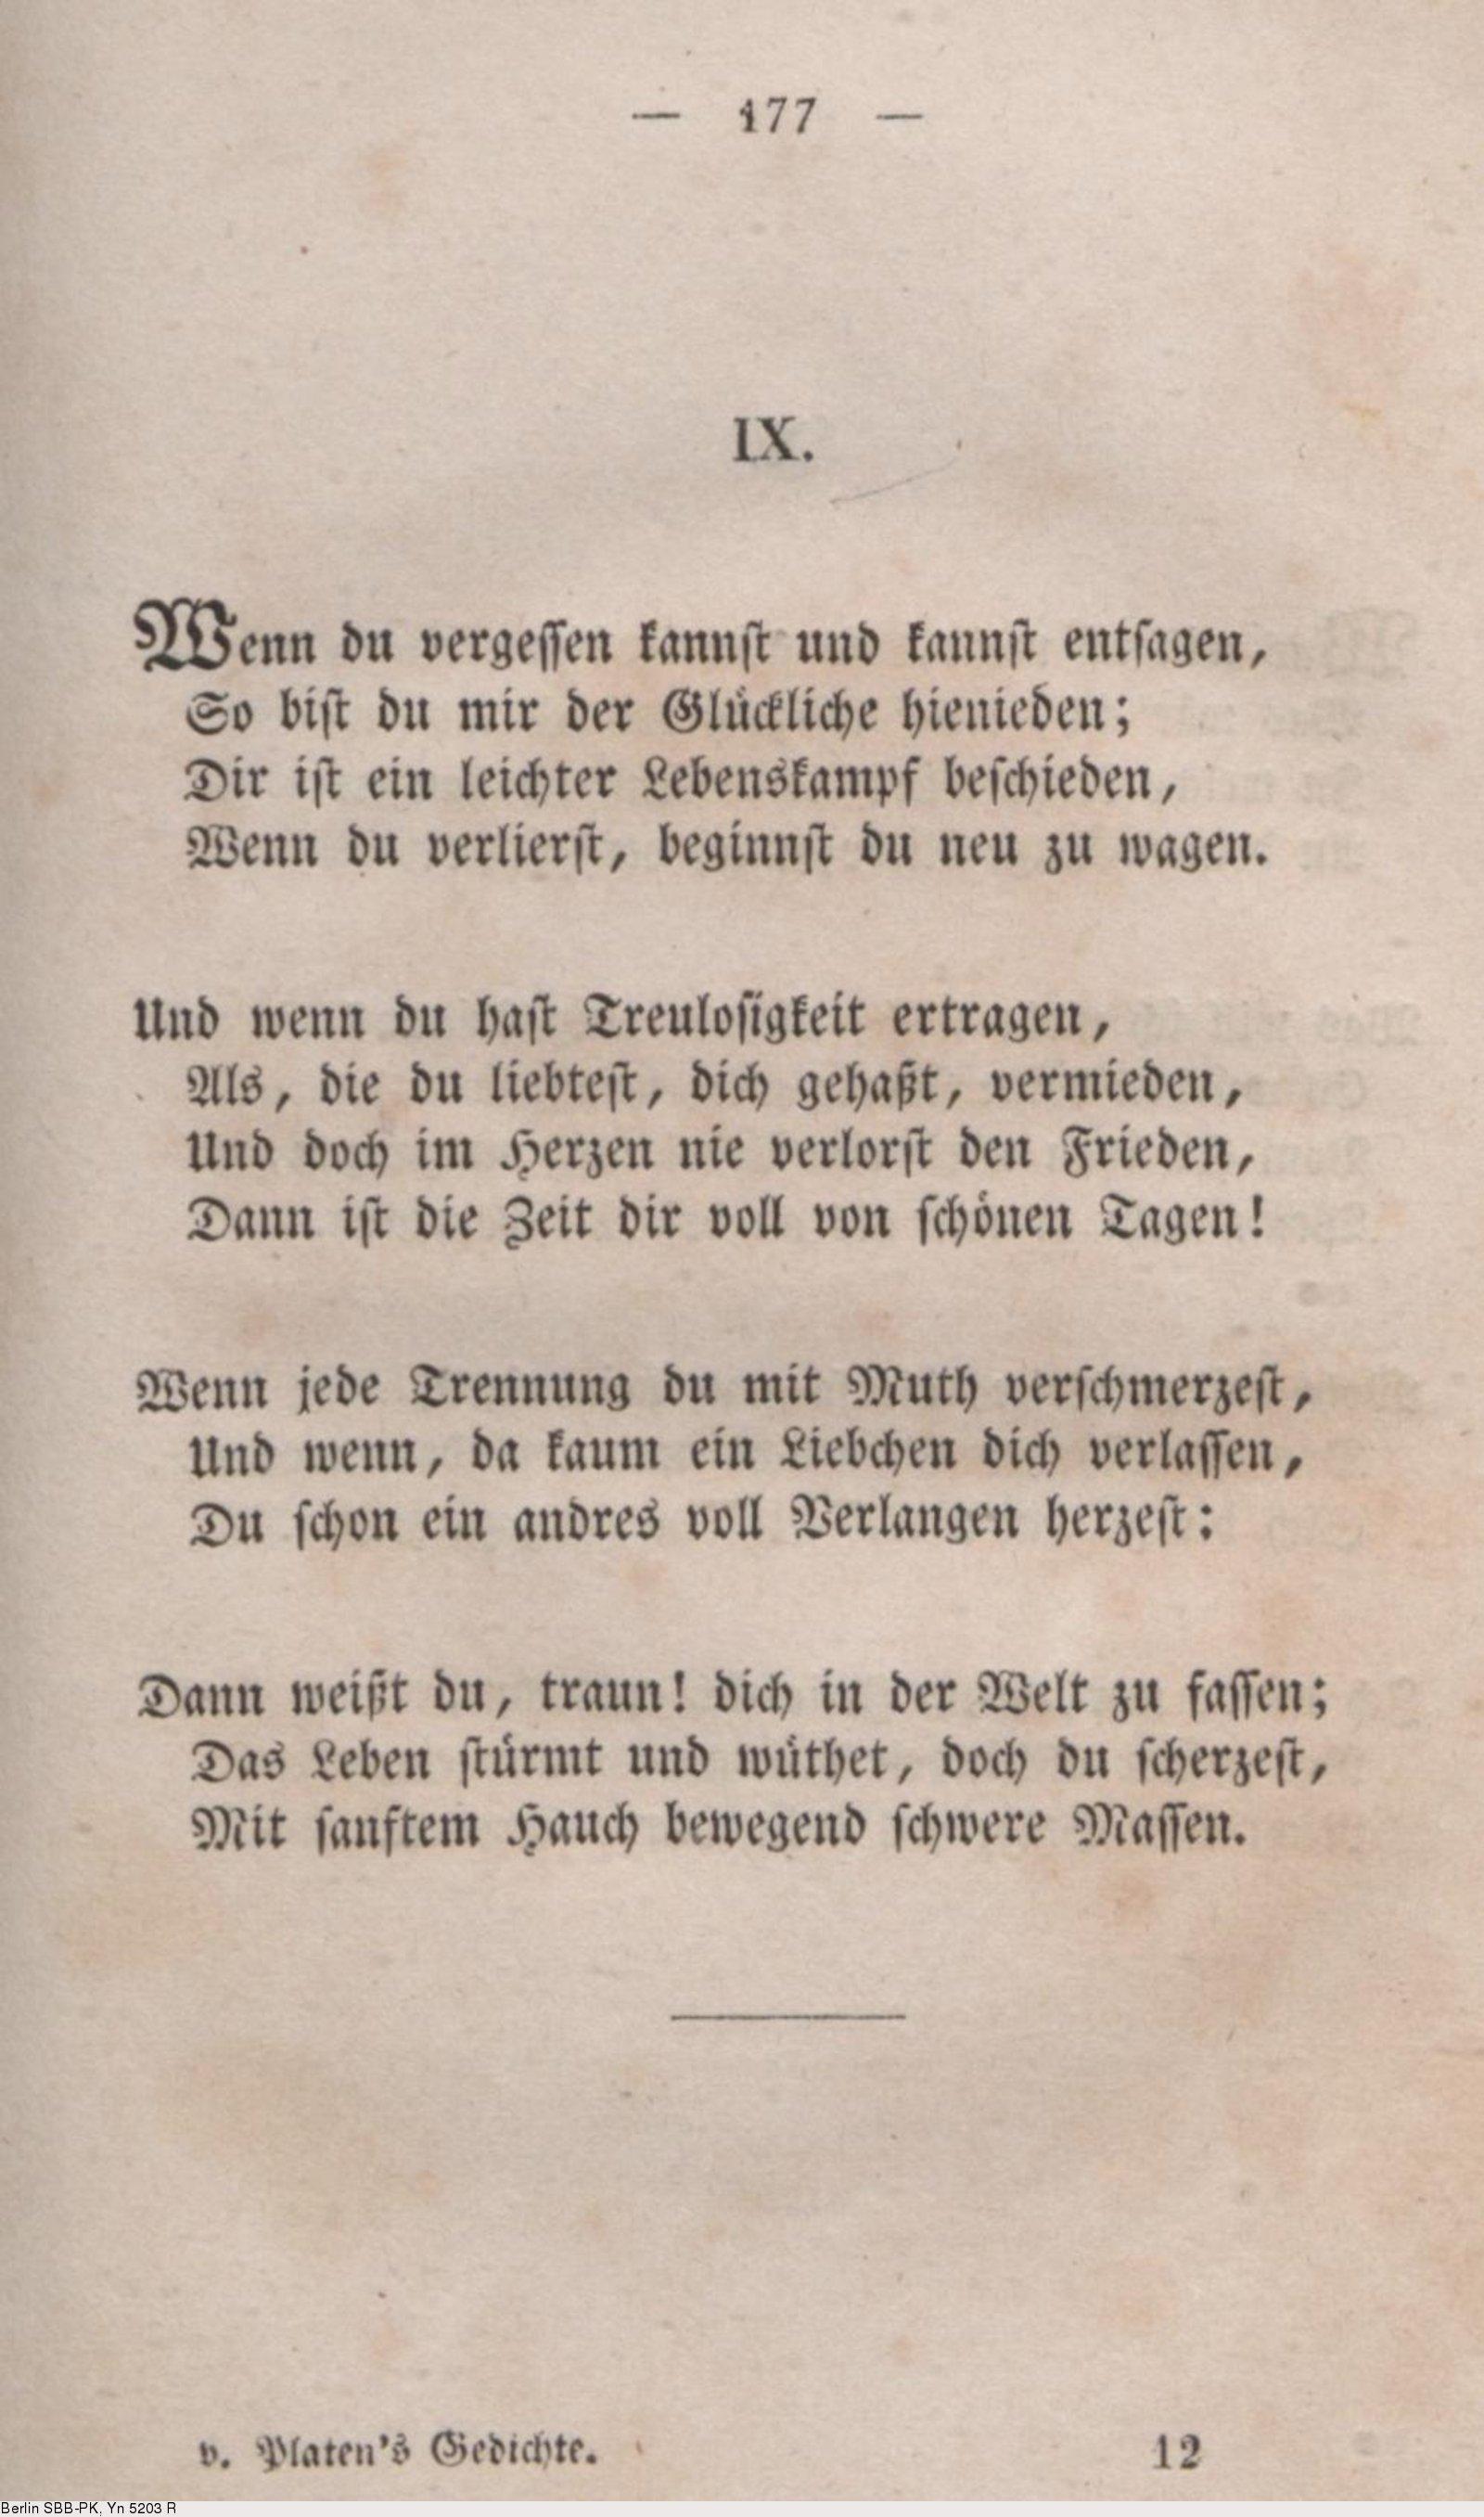 Gedichte zur trennung auf zeit